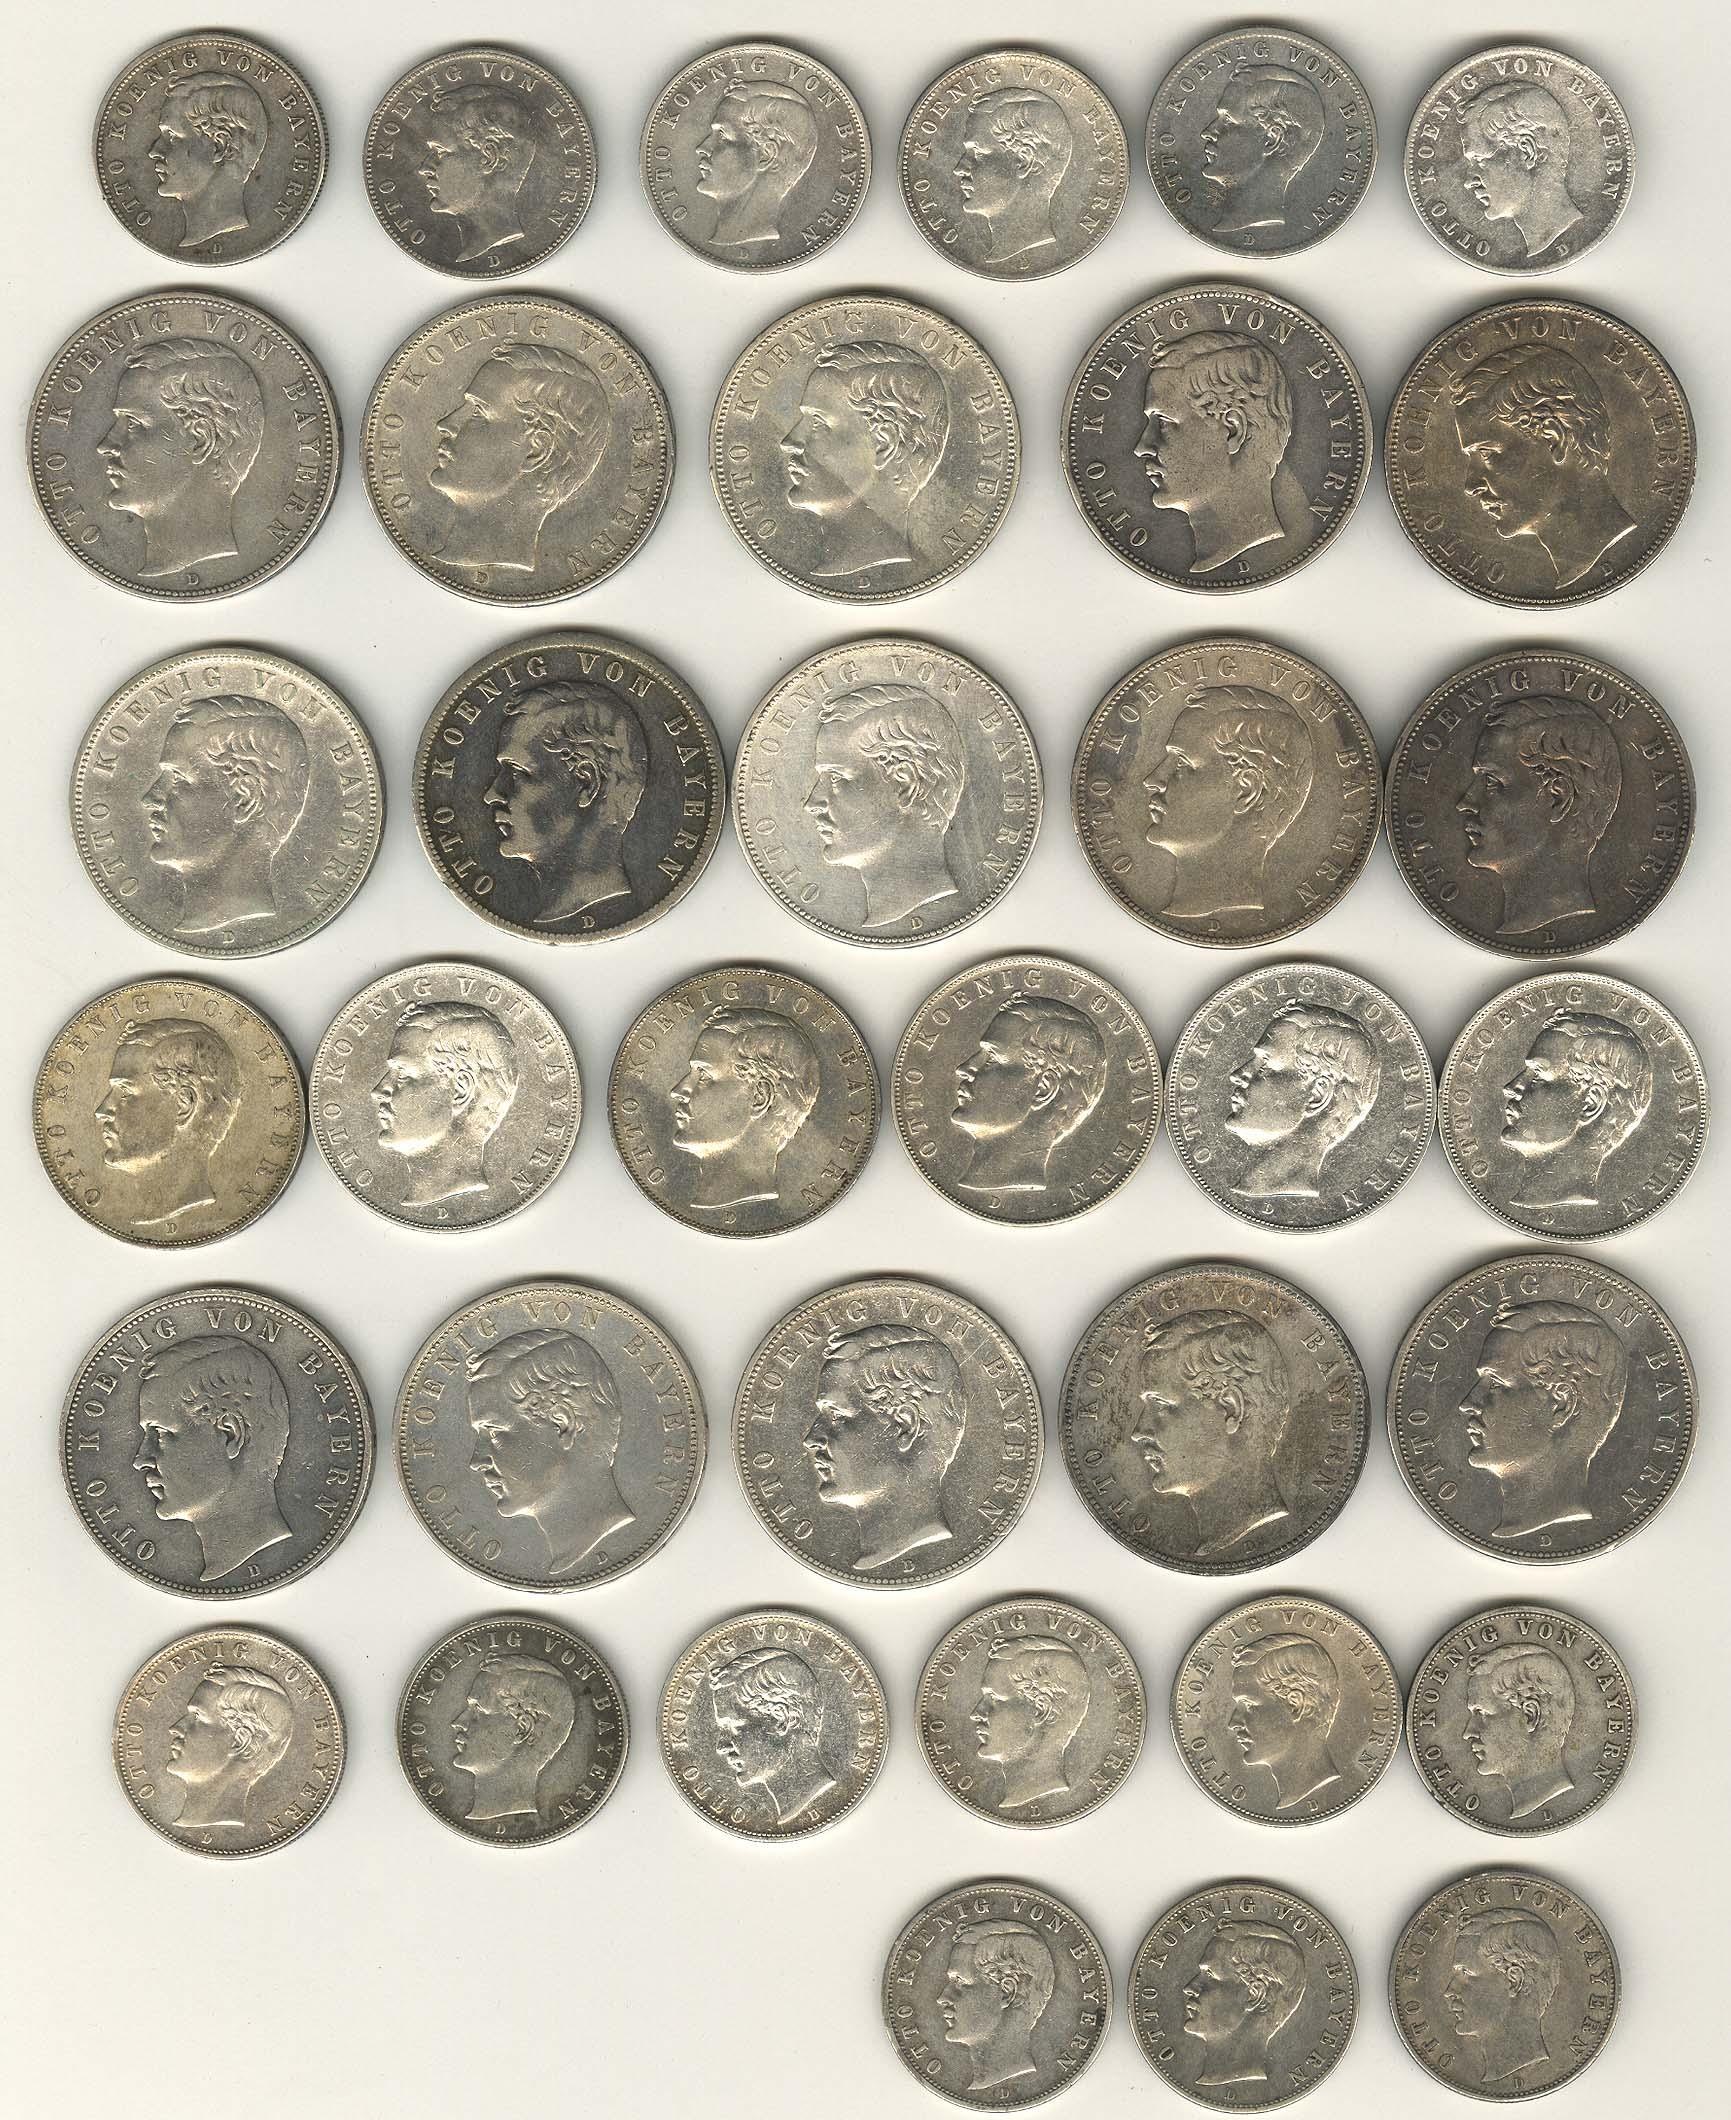 Lot 694 - deutschland Kaiserreich Silbermünzen - Bayern -  Auktionshaus Ulrich Felzmann GmbH & Co. KG Coins single lots